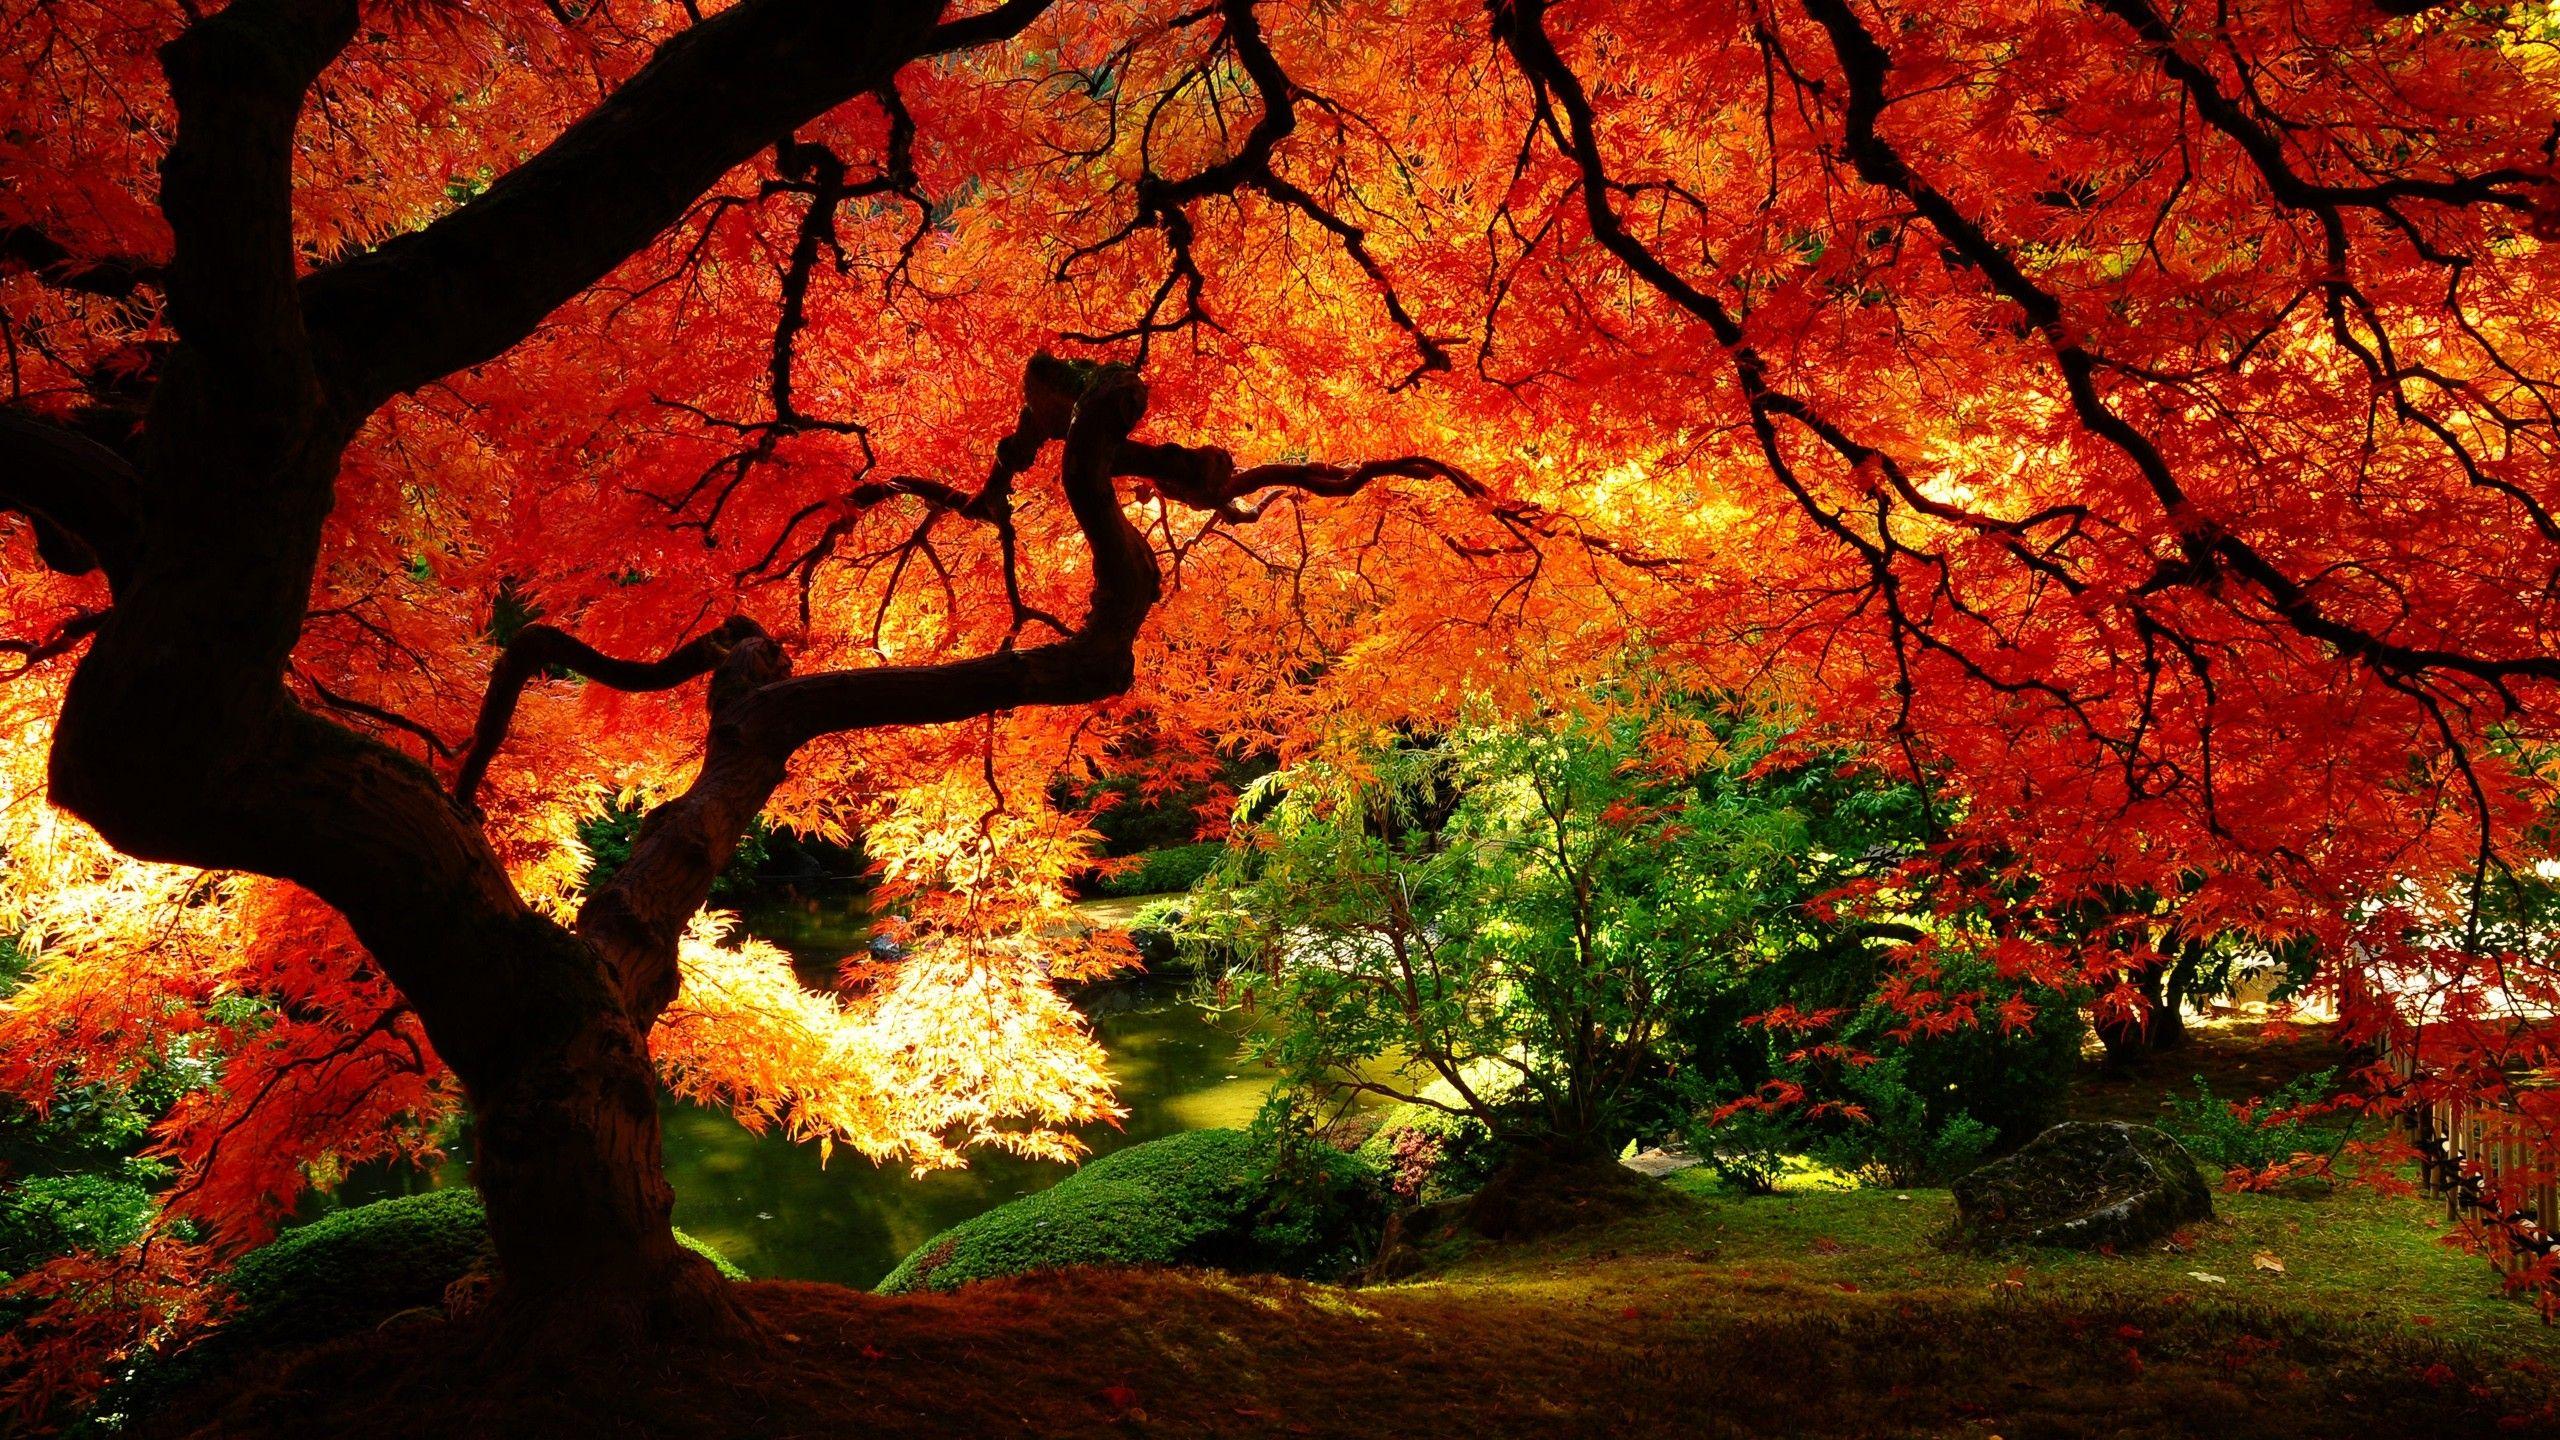 foto de Beautiful Fall Nature fond ecran paysage nature automne